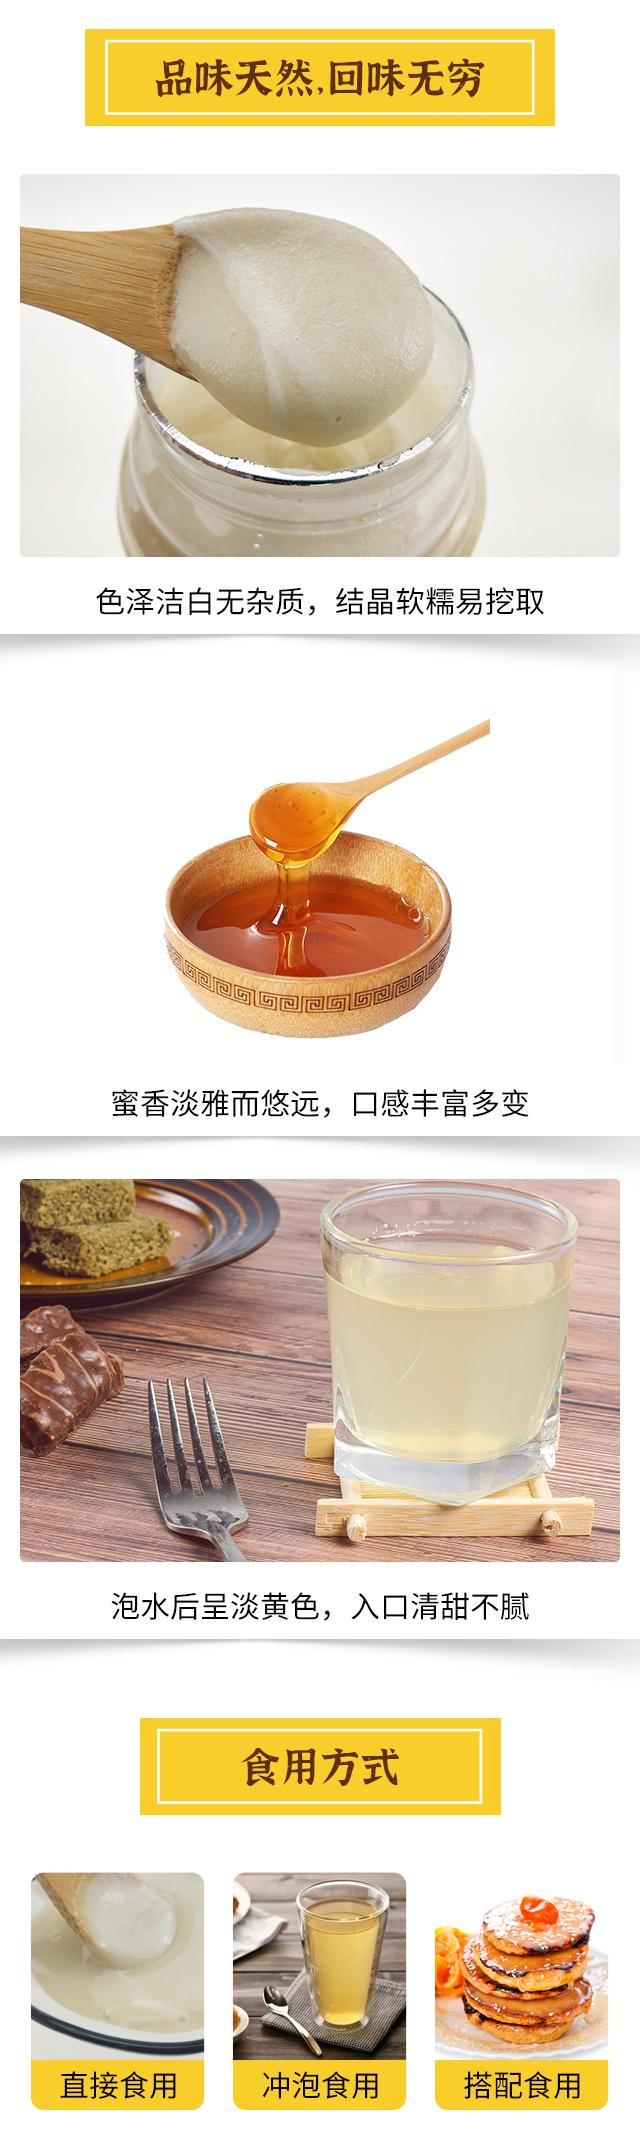 朝南北天然蜂蜜_04-.jpg